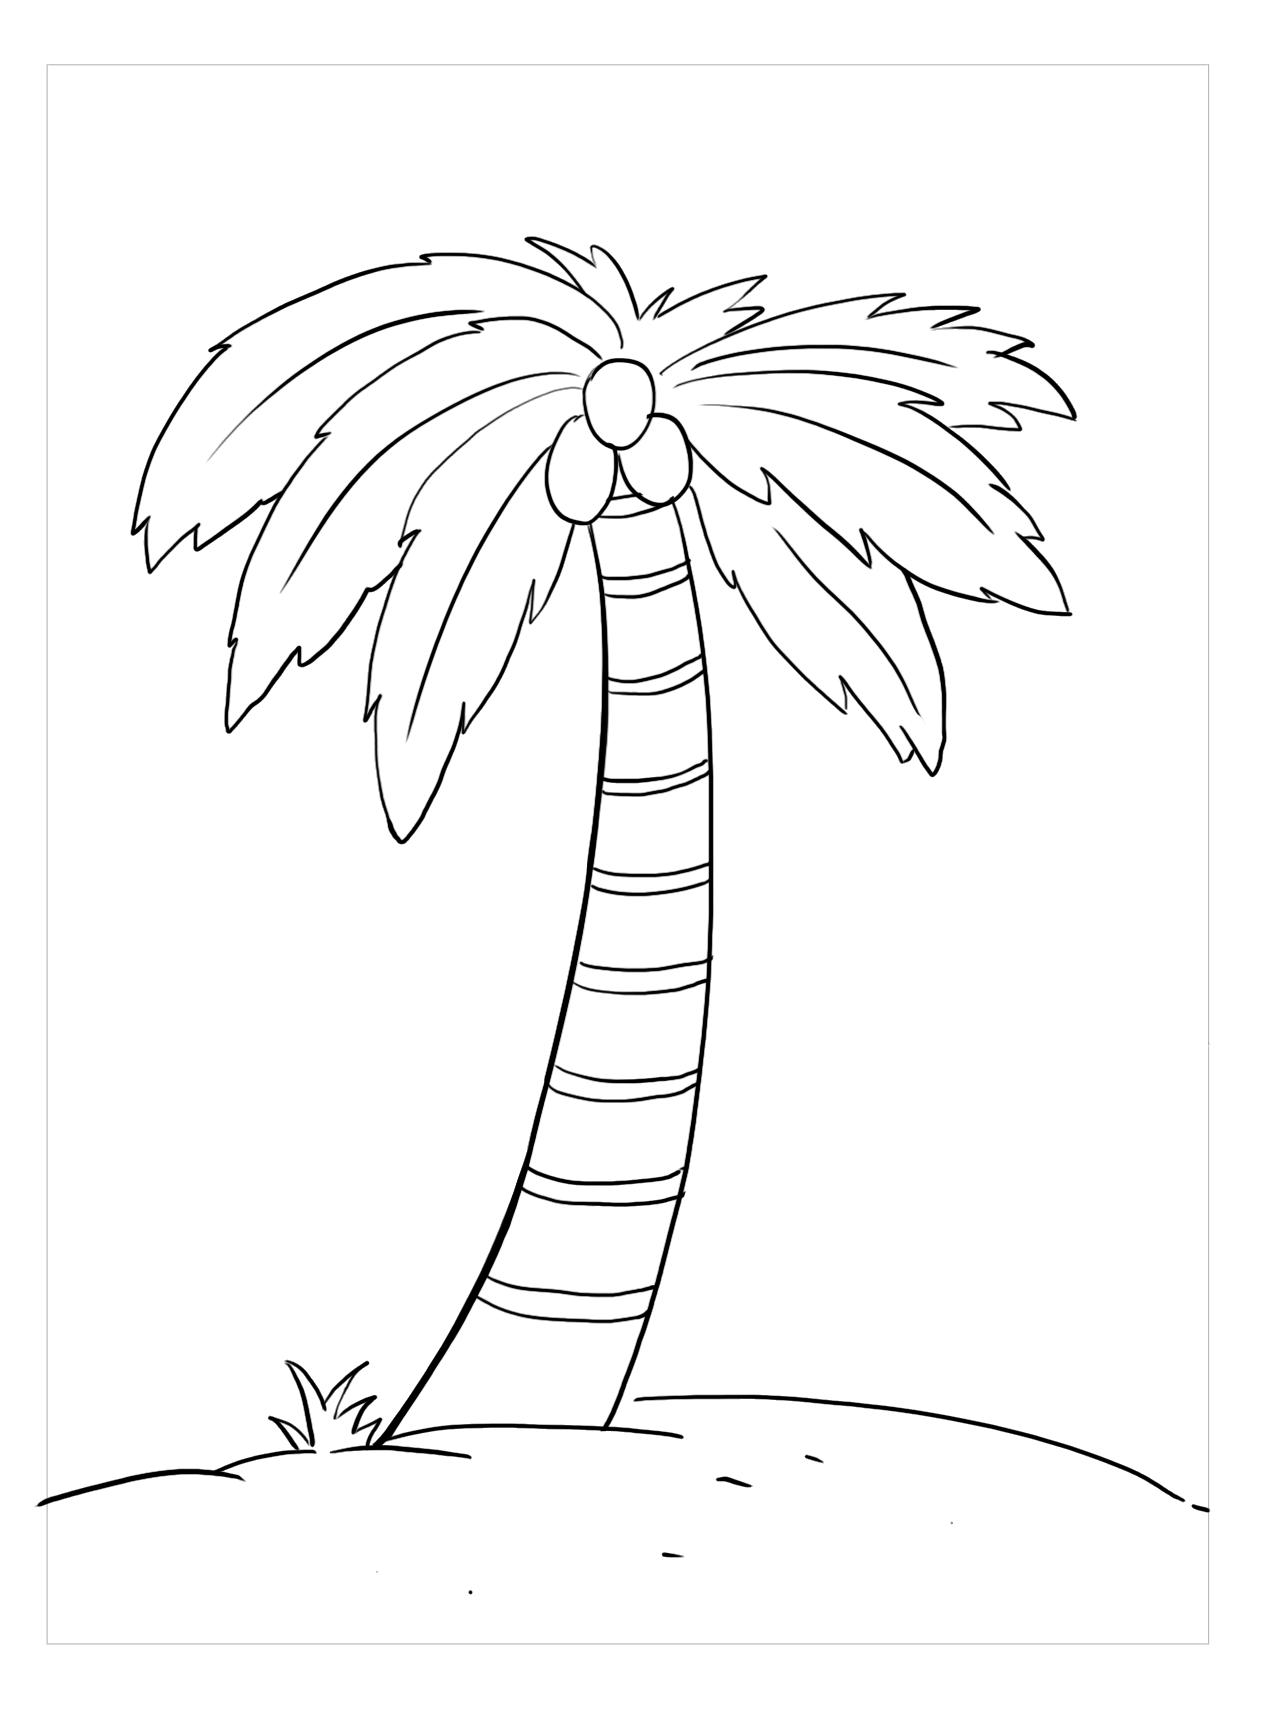 Tranh tô màu cho bé hình cây dừa